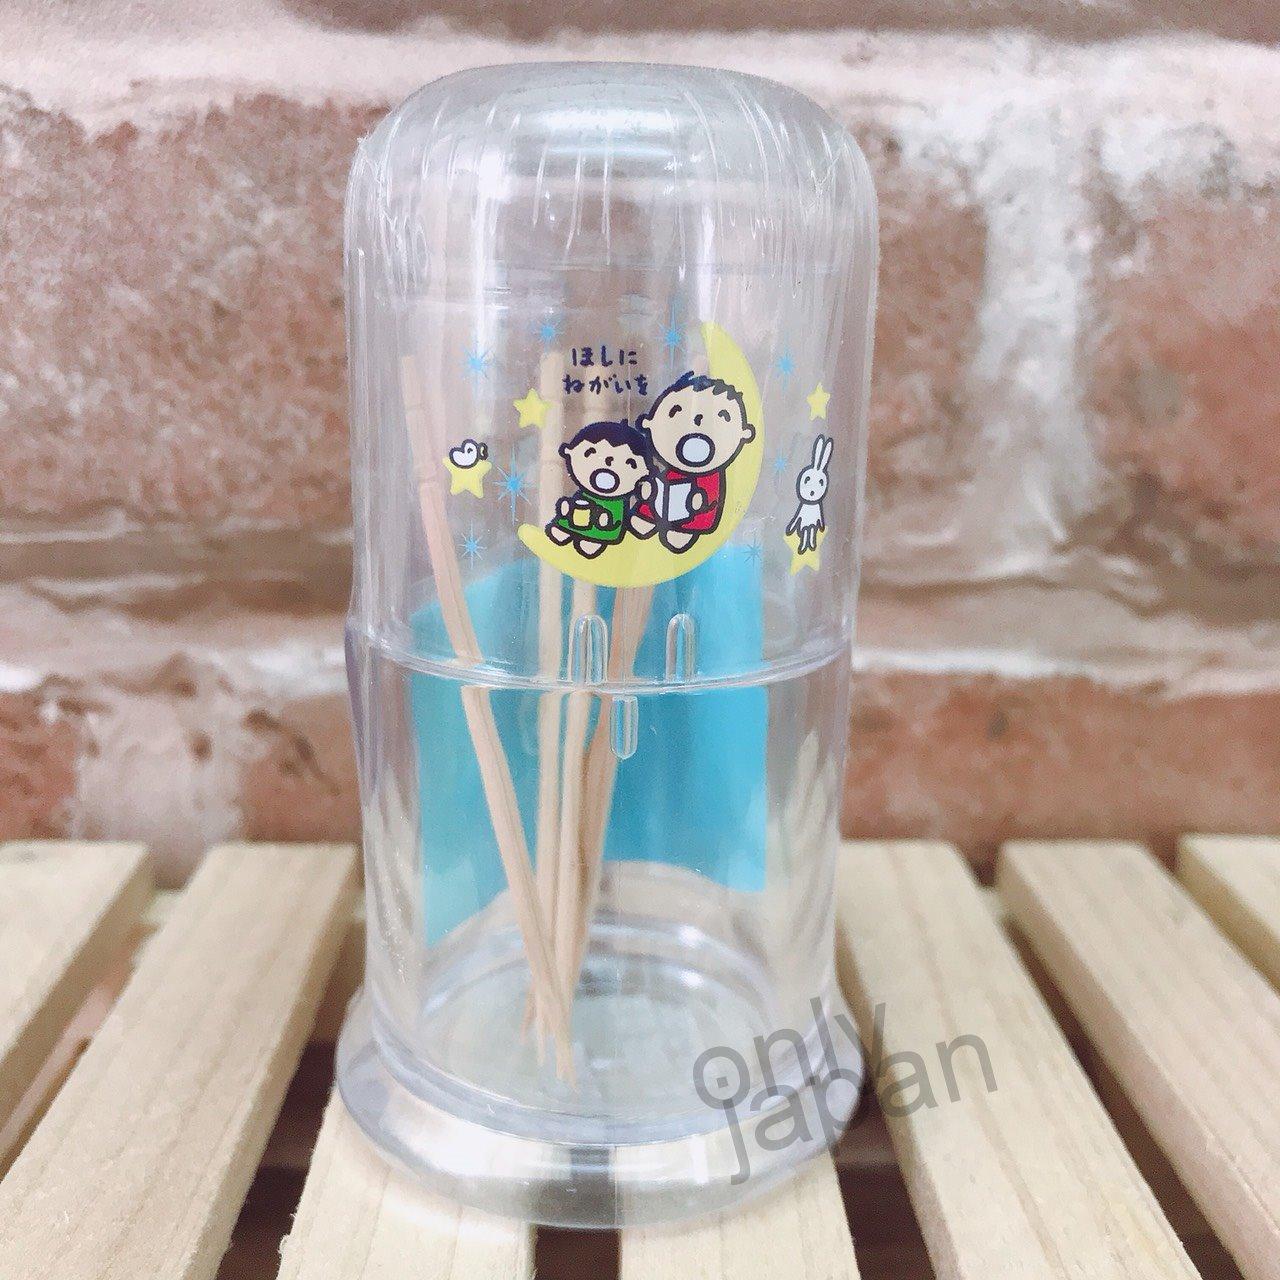 【真愛日本】5112300042 透明牙籤罐星星 Tabo 大口仔 大寶 牙籤罐 棉棒罐 居家雜物 小物收納罐